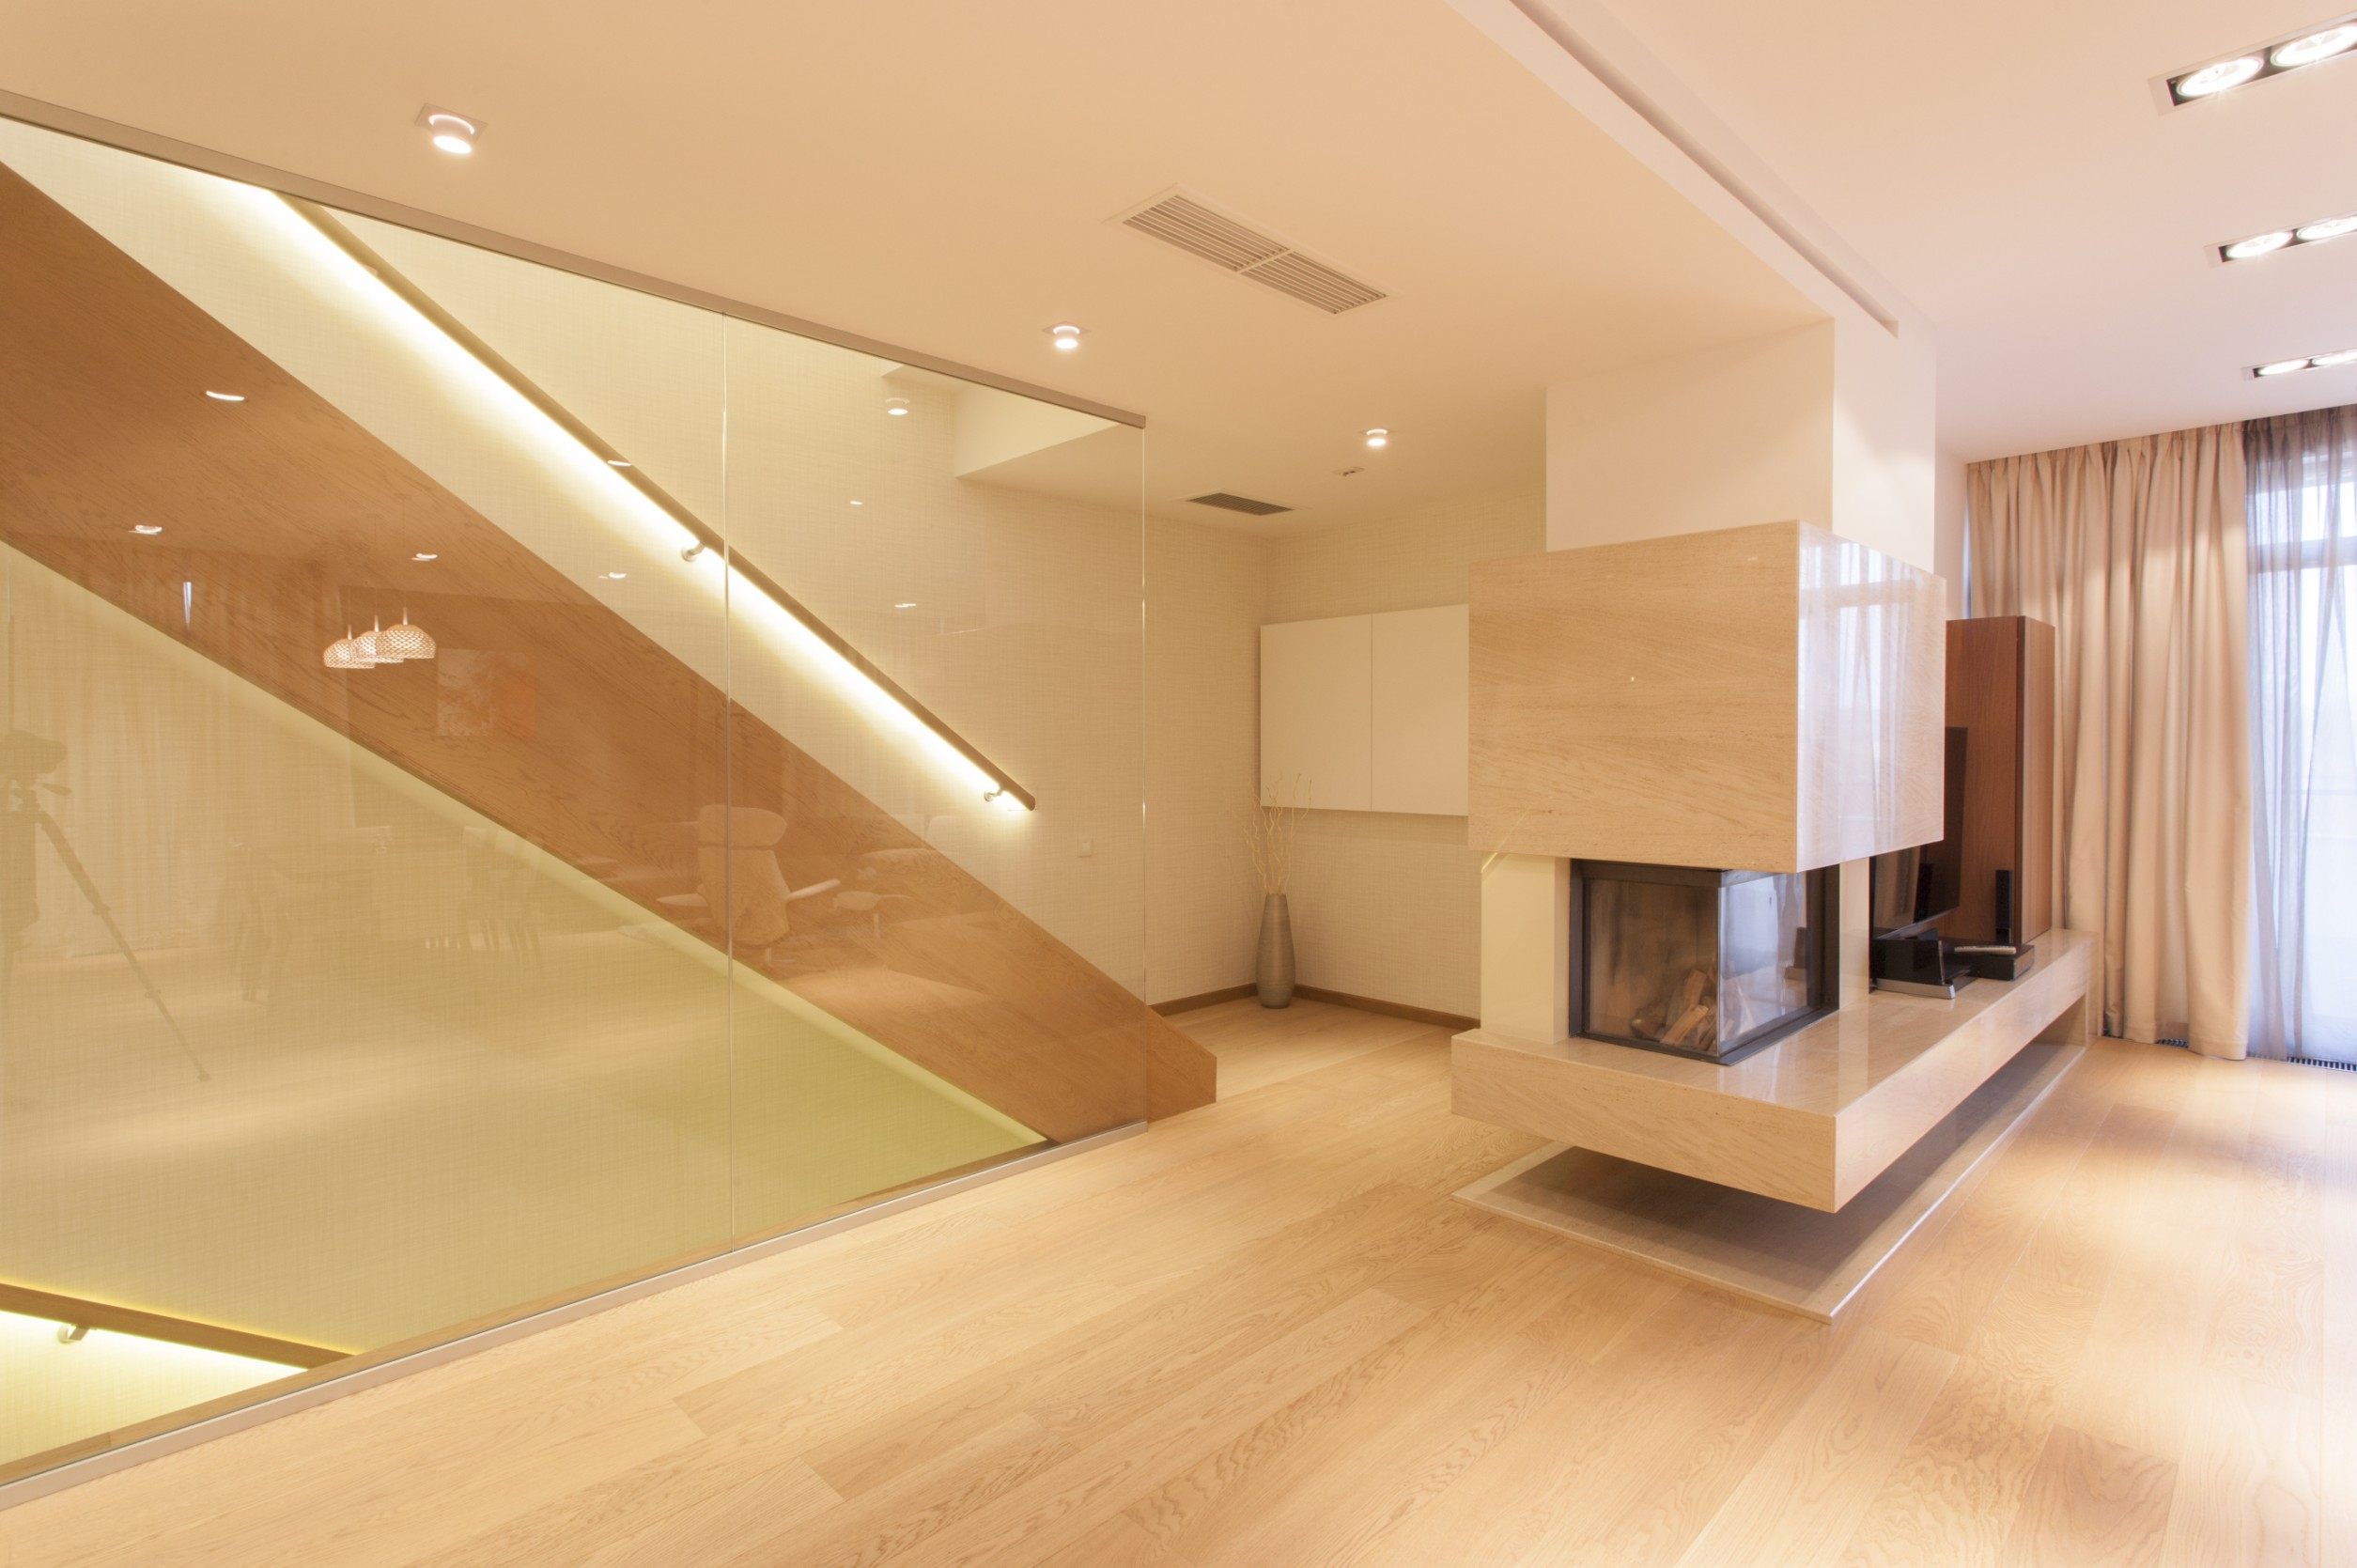 https://nbc-arhitect.ro/wp-content/uploads/2020/10/NBC-Arhitect-_-Petofi-Sandor-_-Housing-_-interior-design_20.jpg